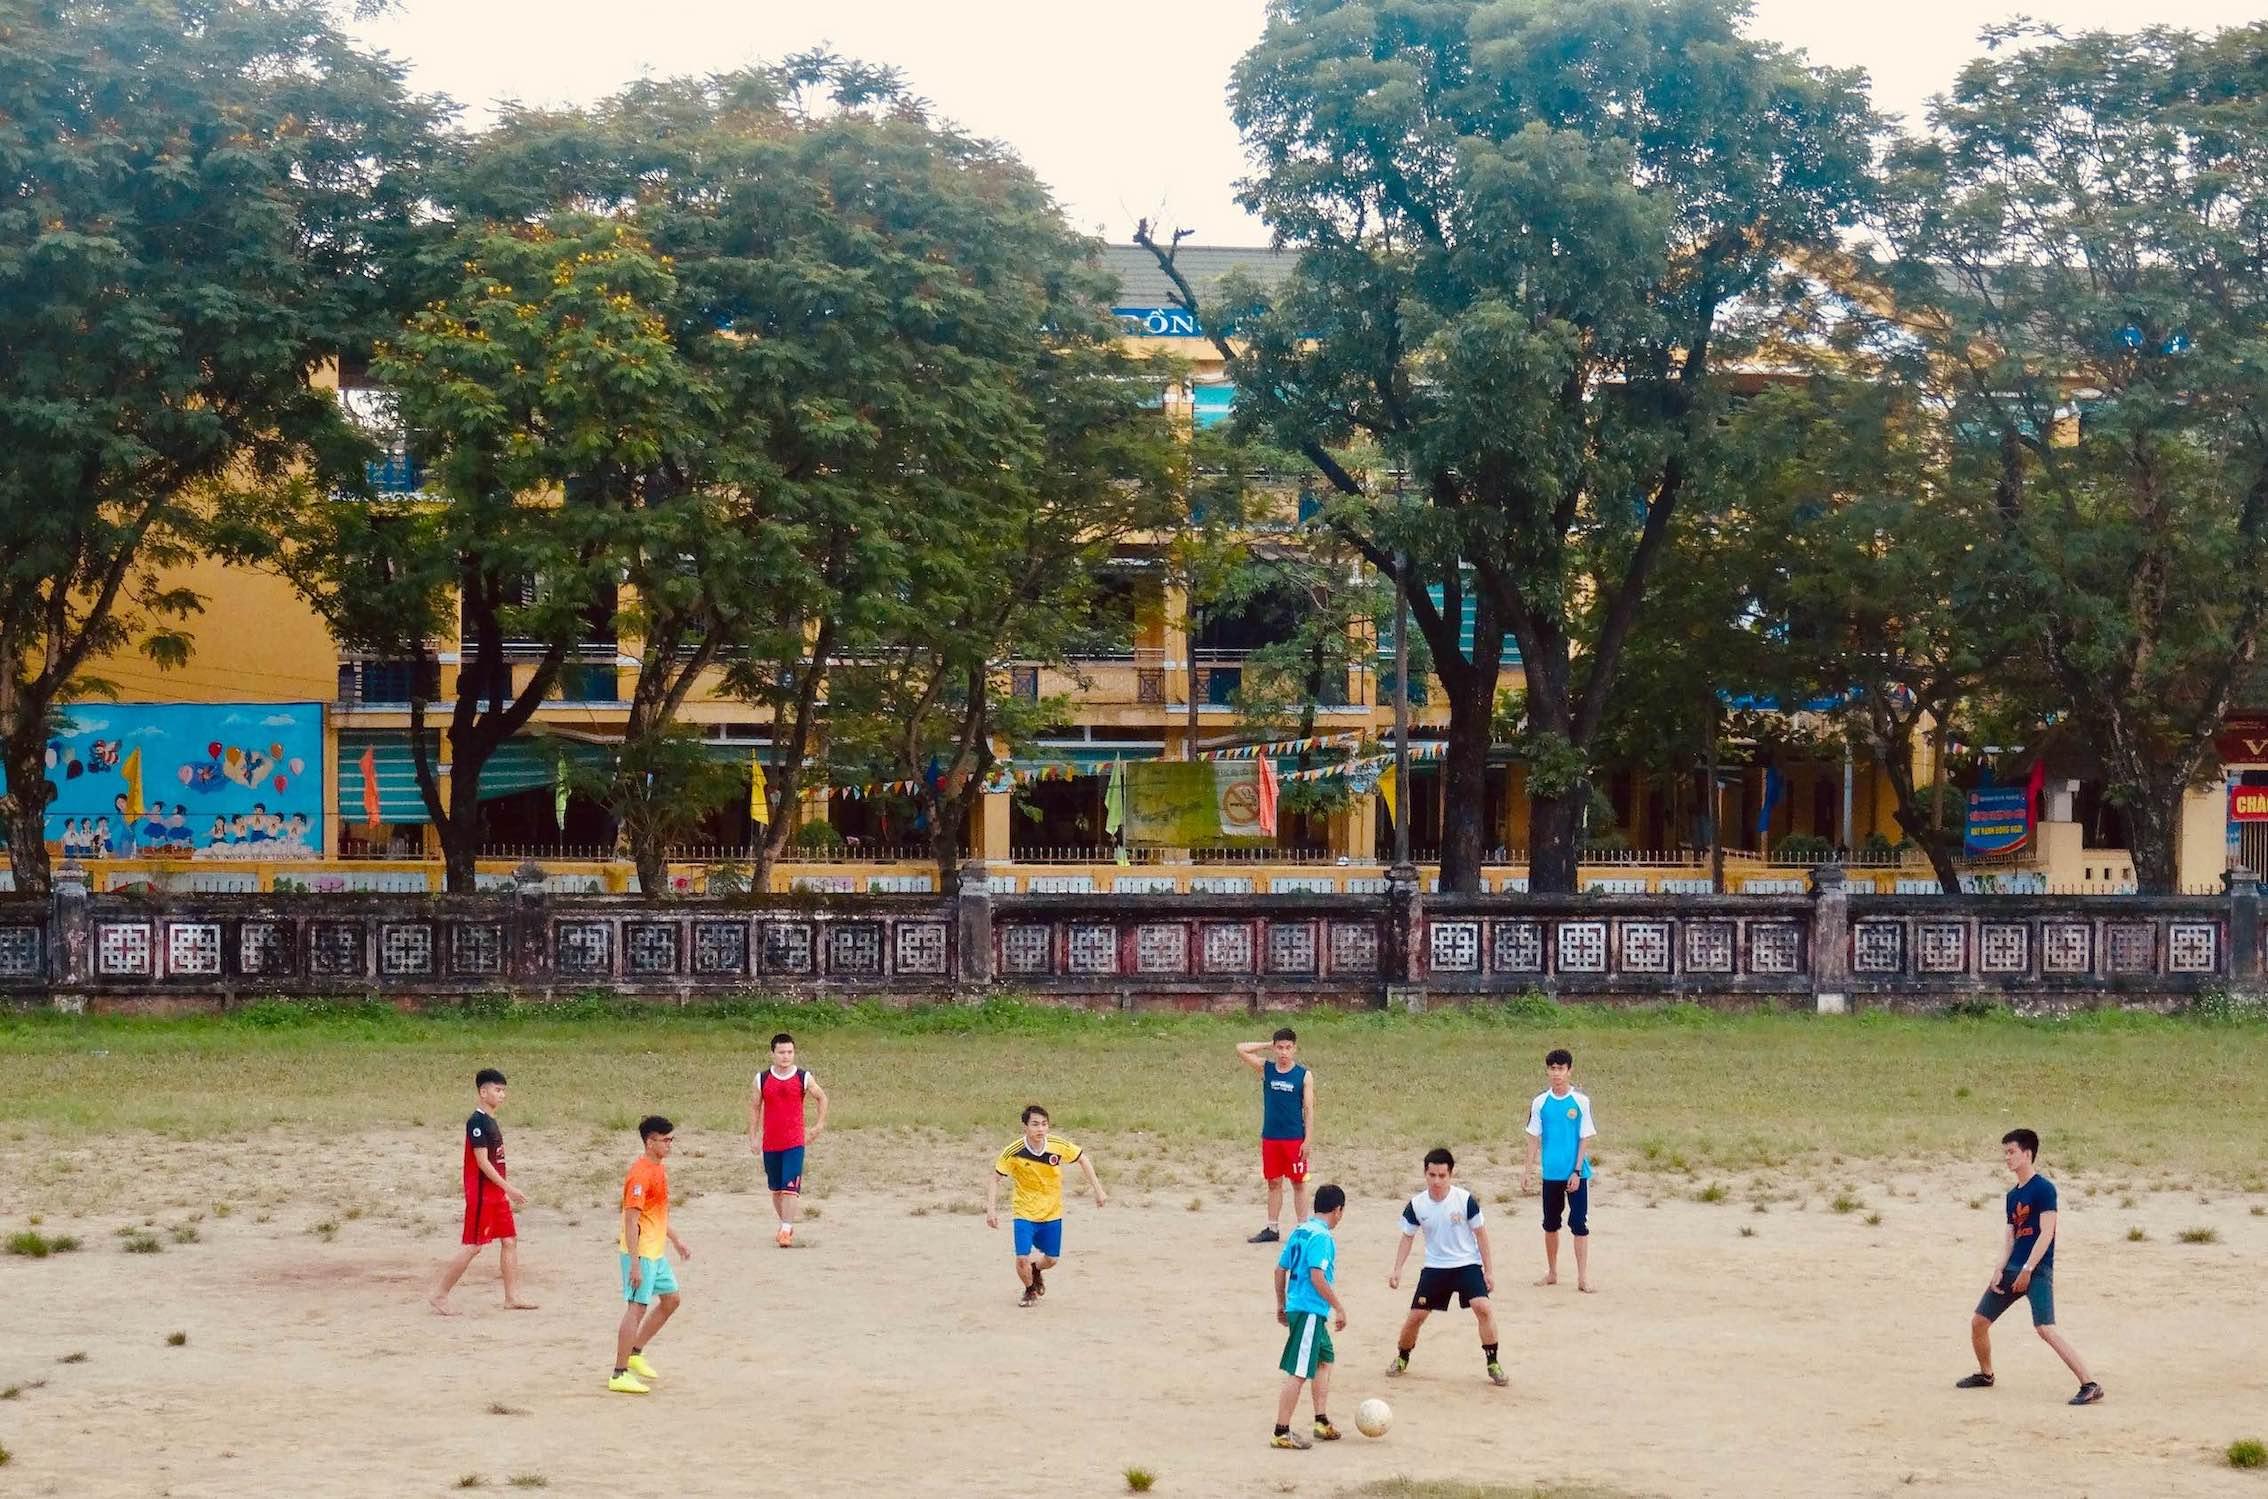 Football match Hue Vietnam.